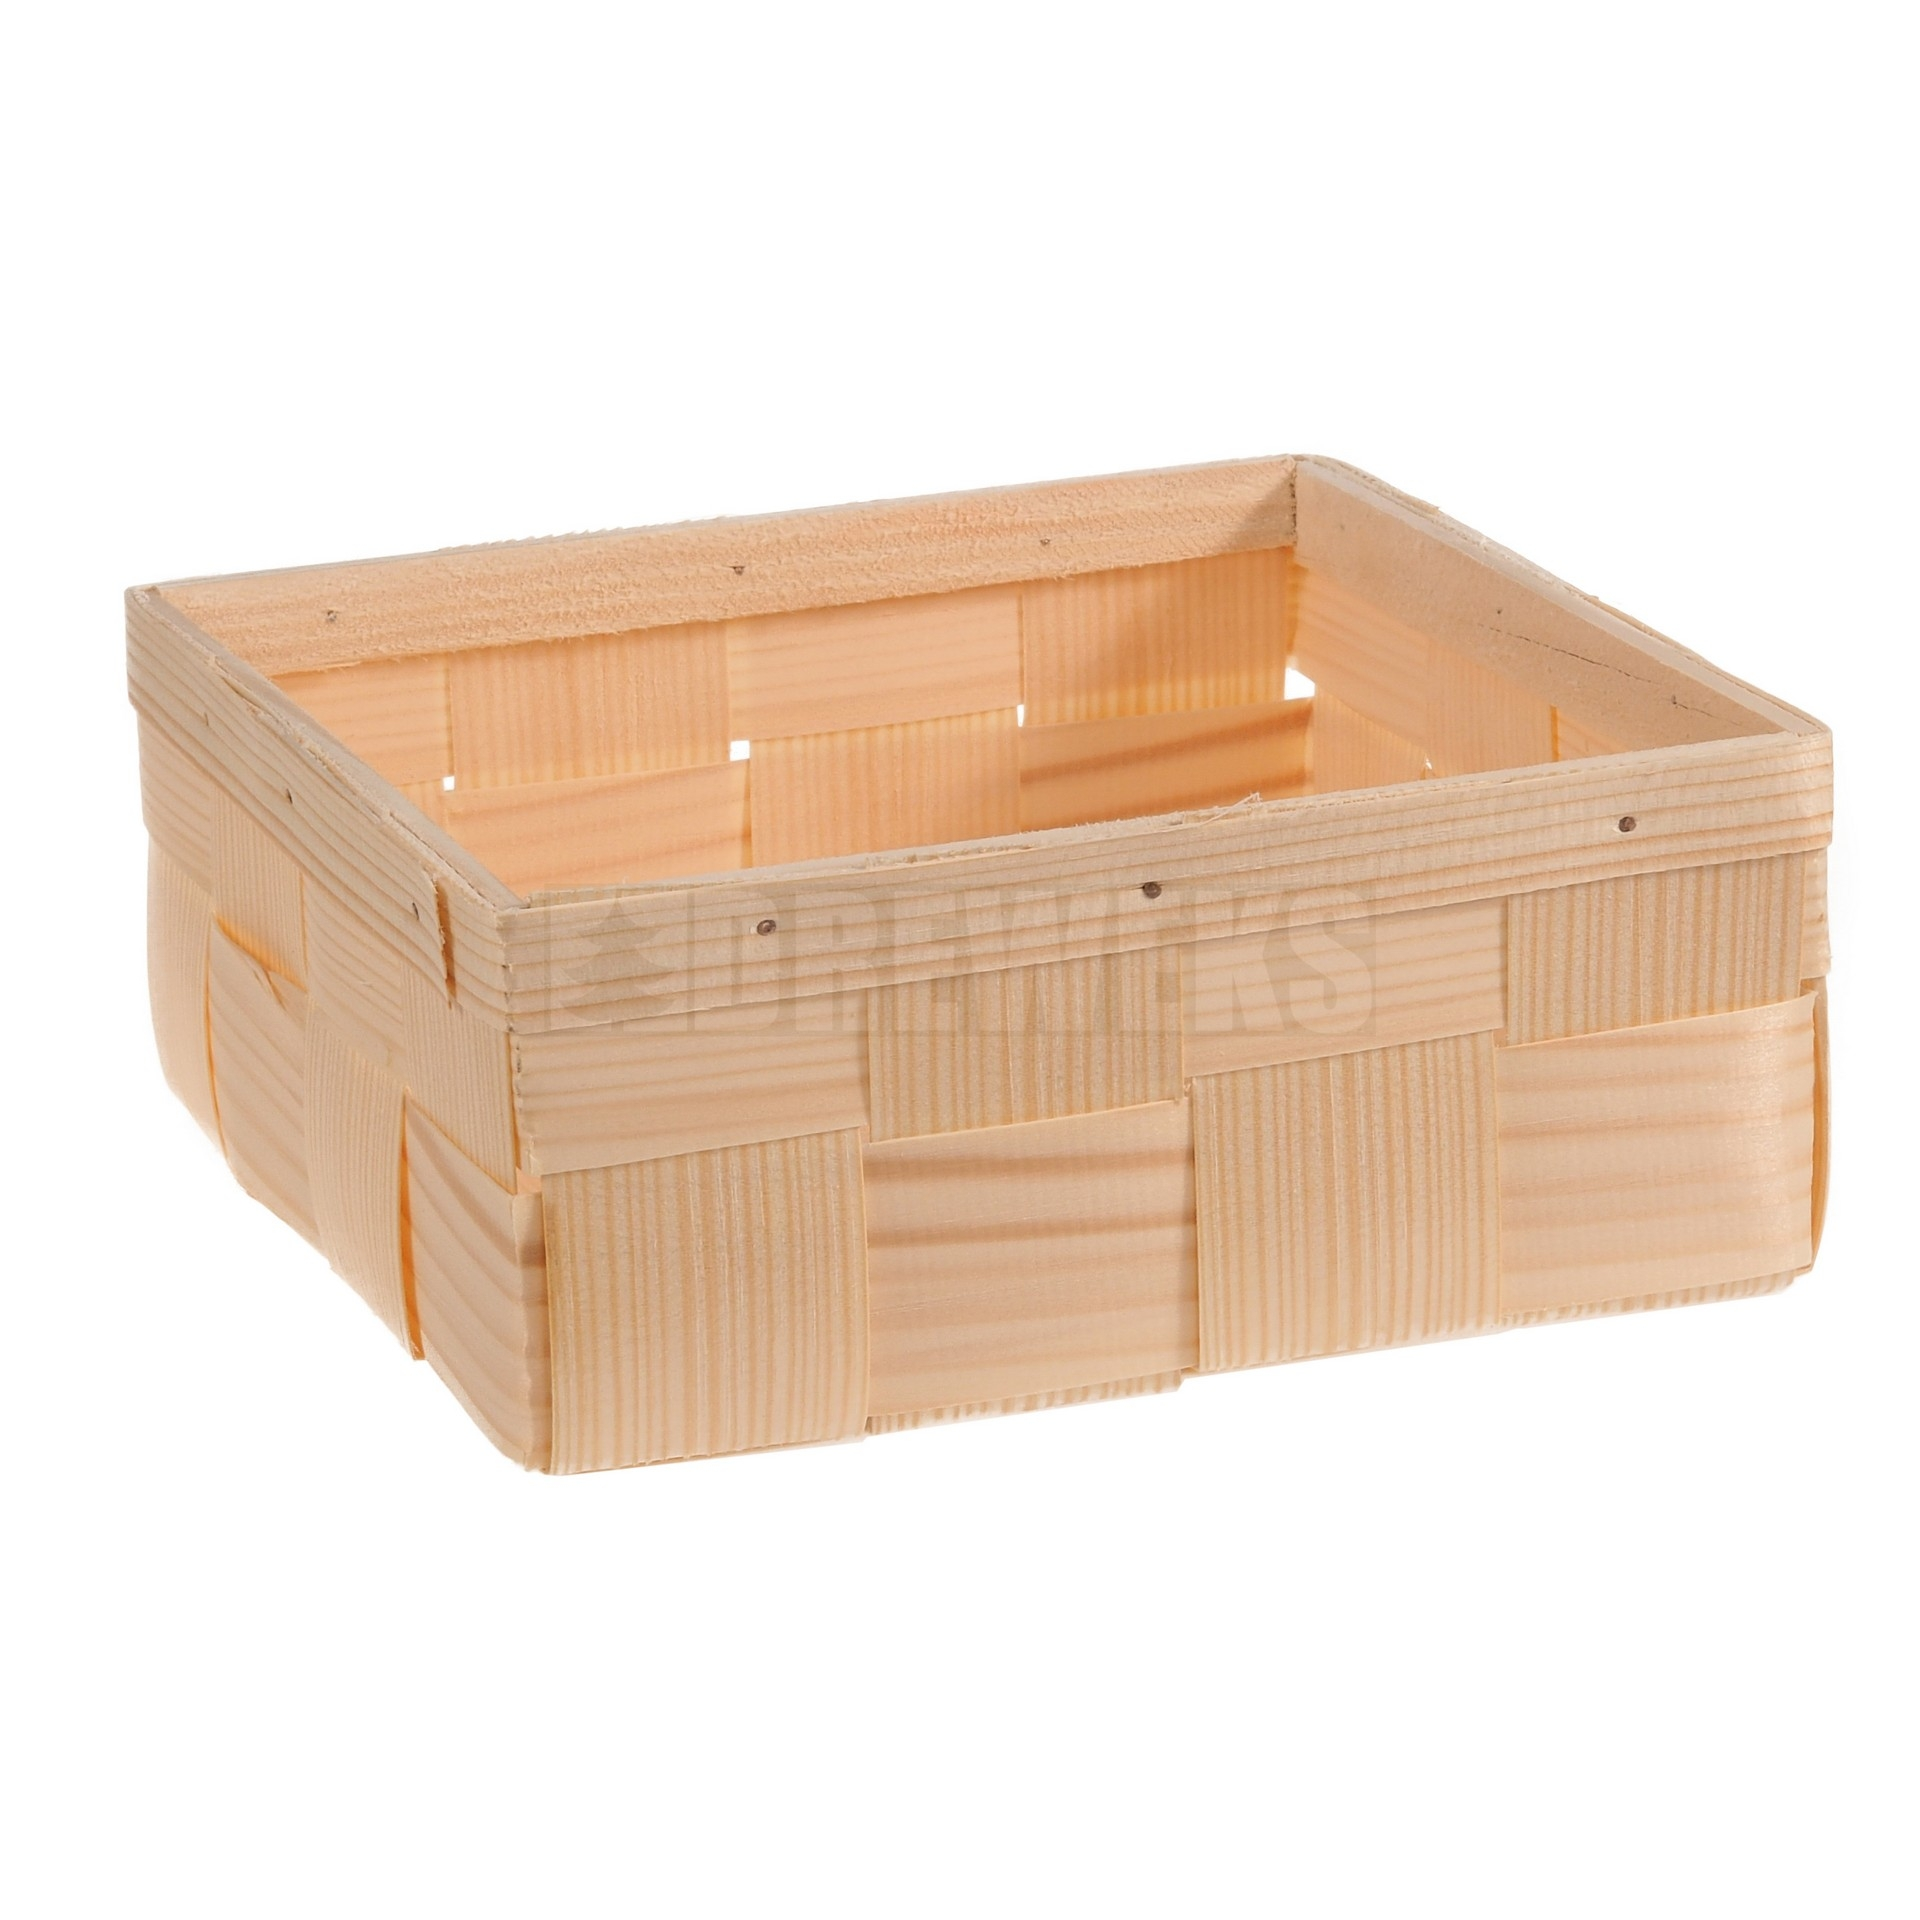 Wooden basket - square